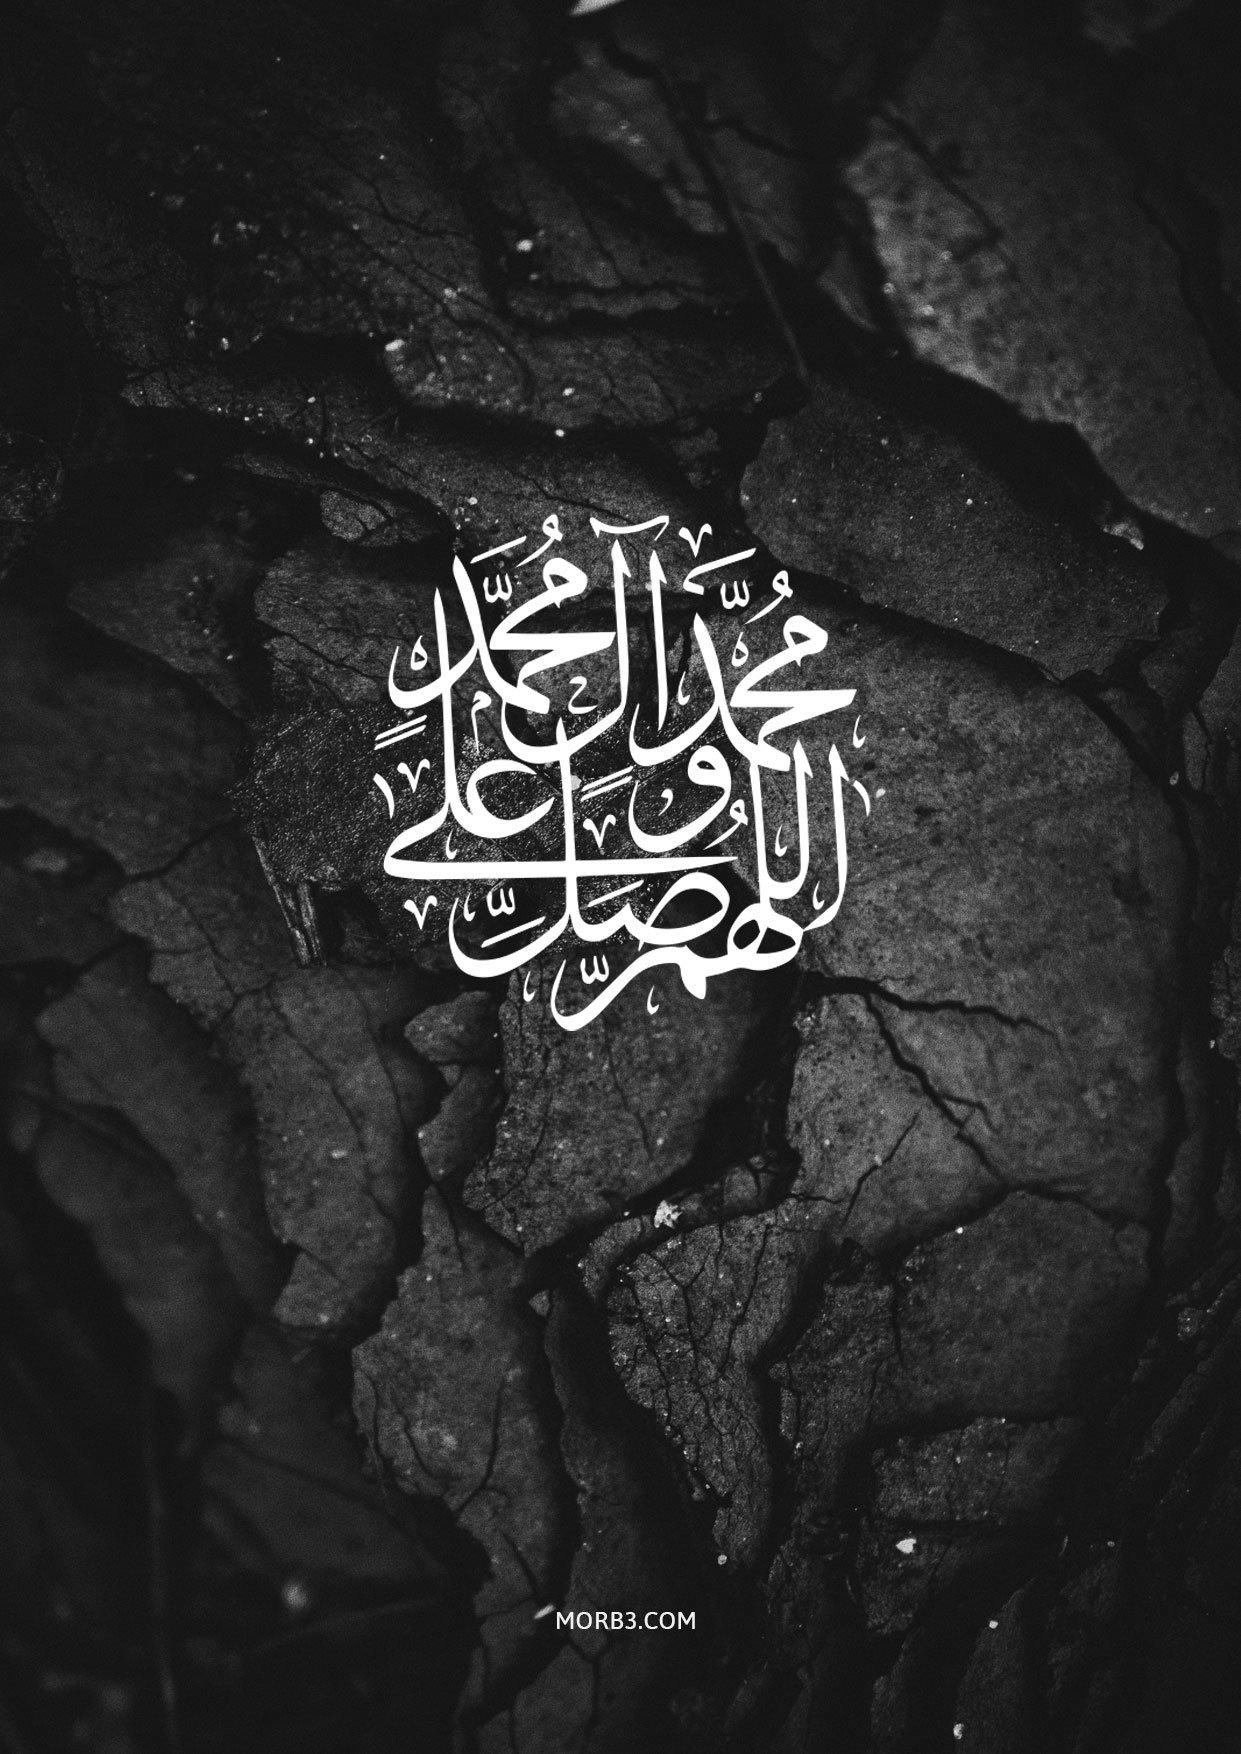 صور خلفيات سوداء اسلامية للموبايل ايفون Hd 2020 اللهم صلى على سيدنا محمد مربع